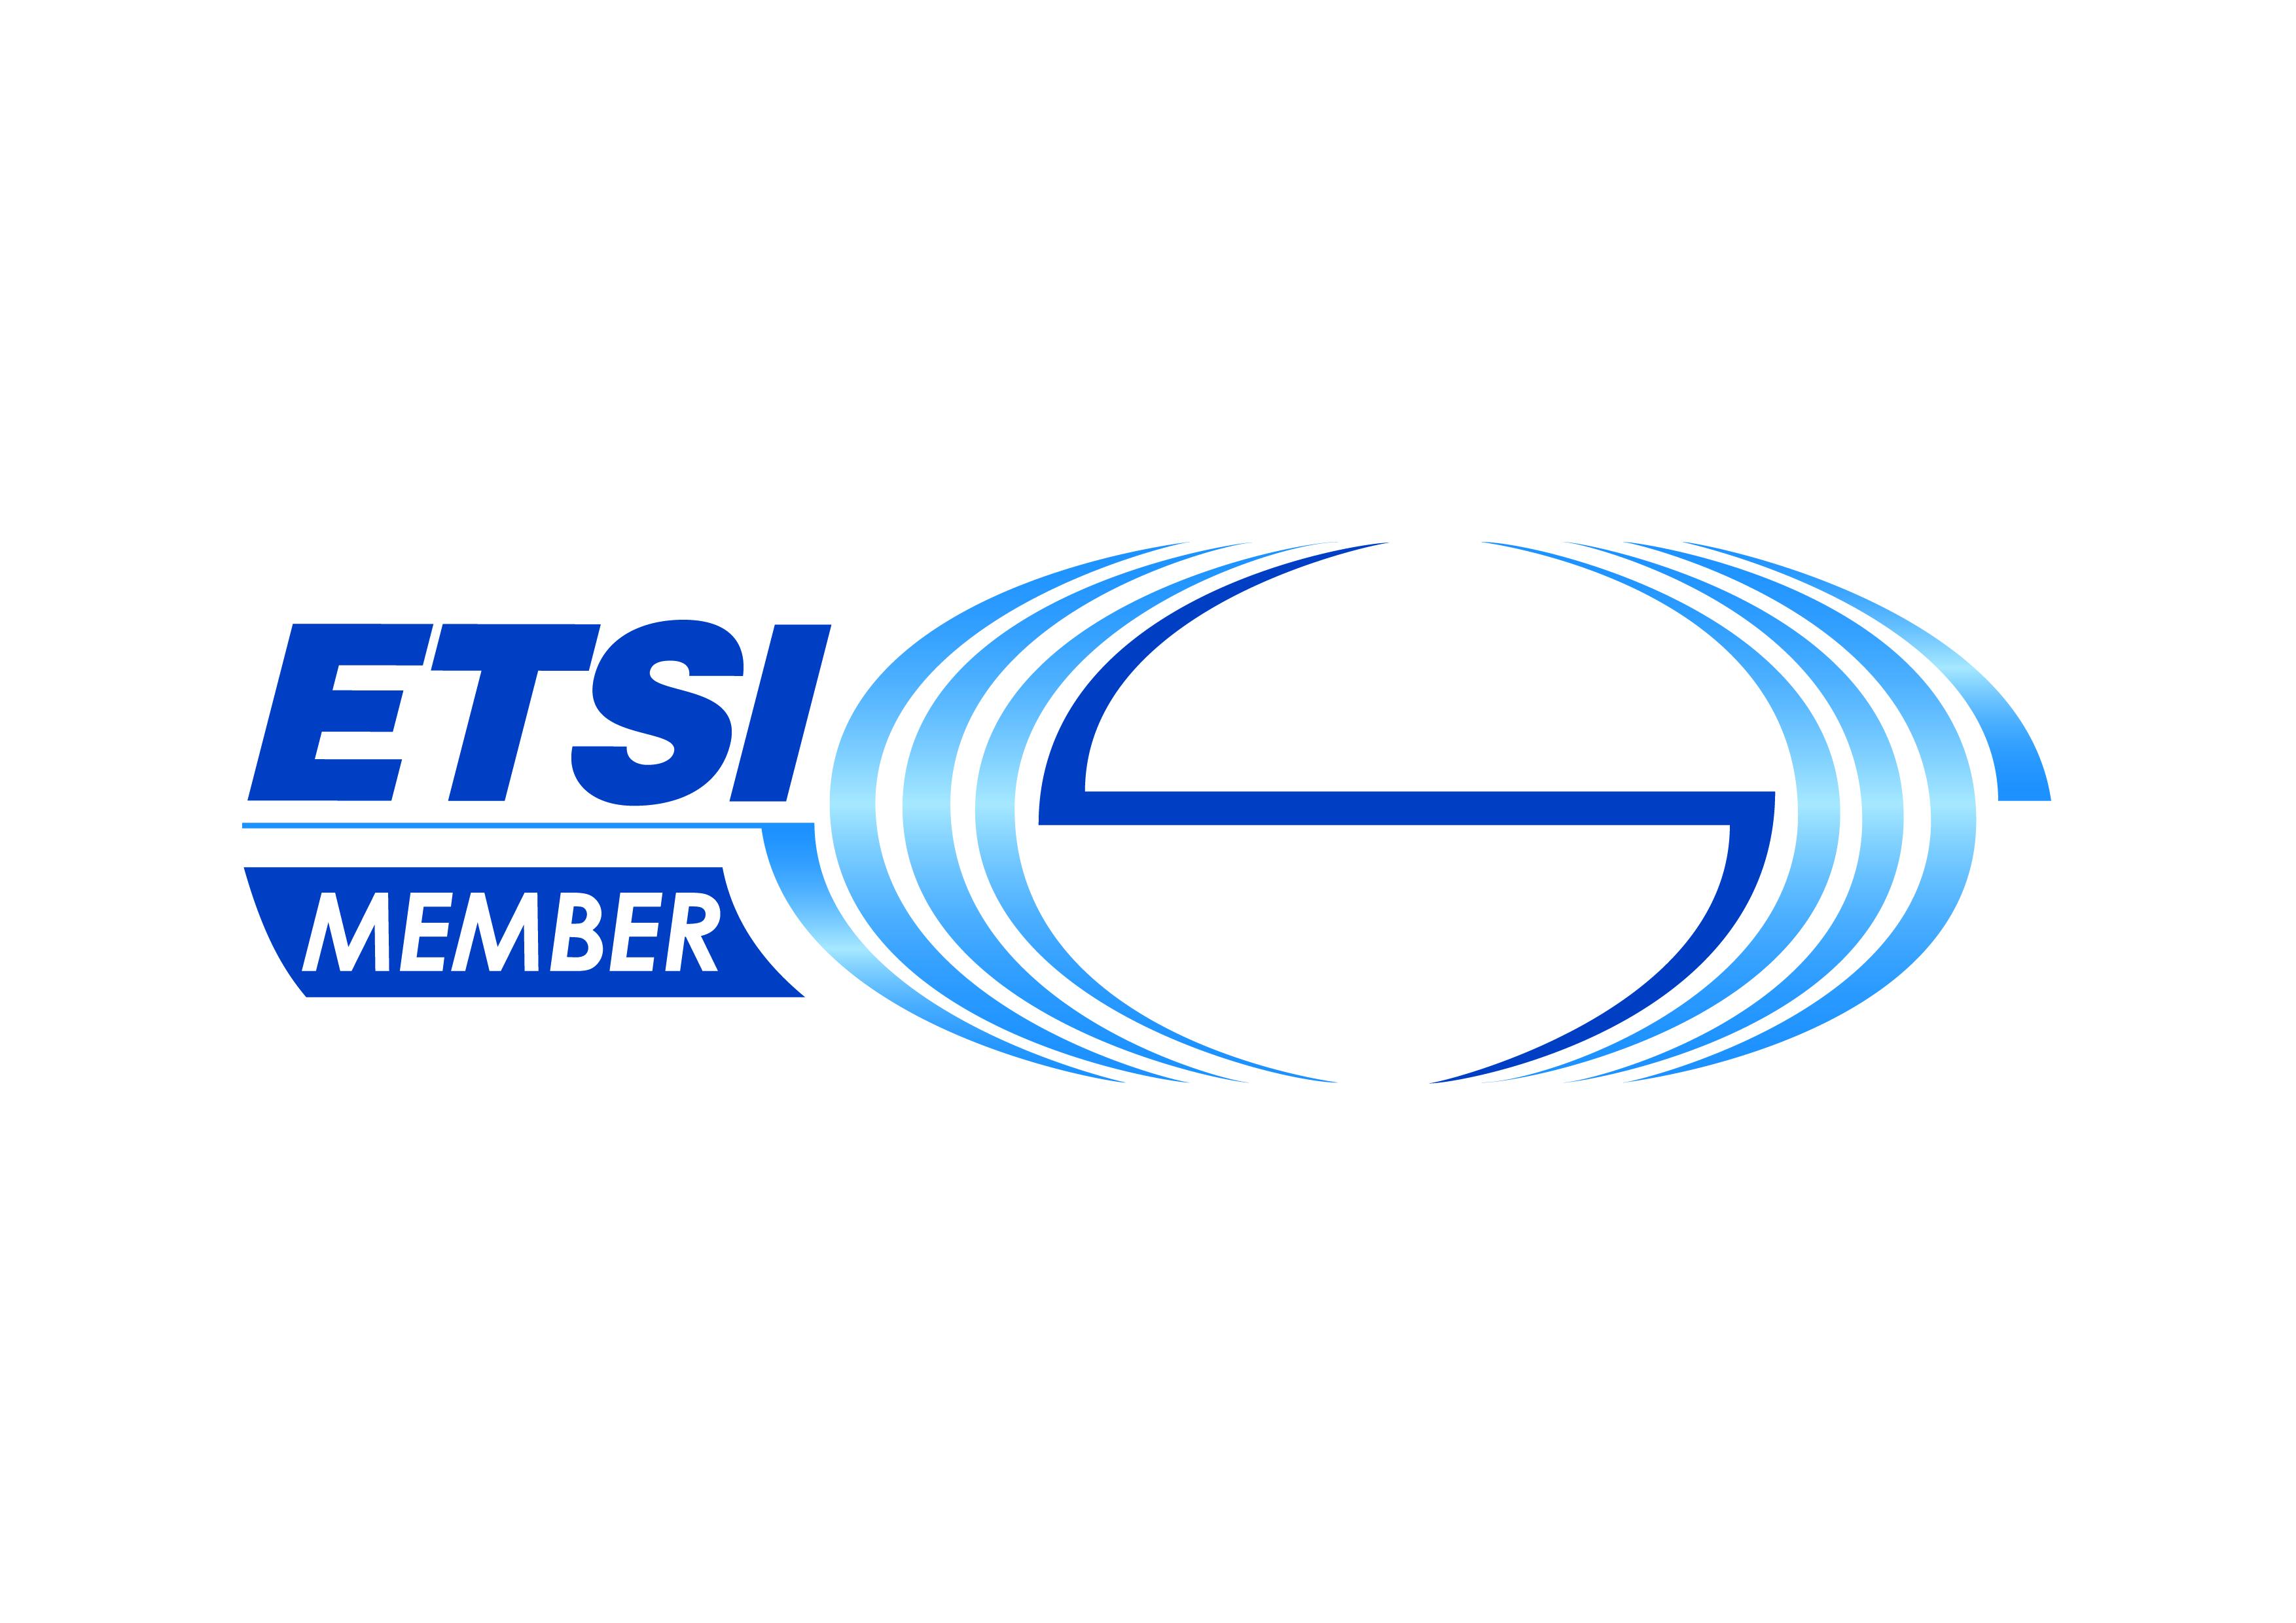 etsi-members-logo